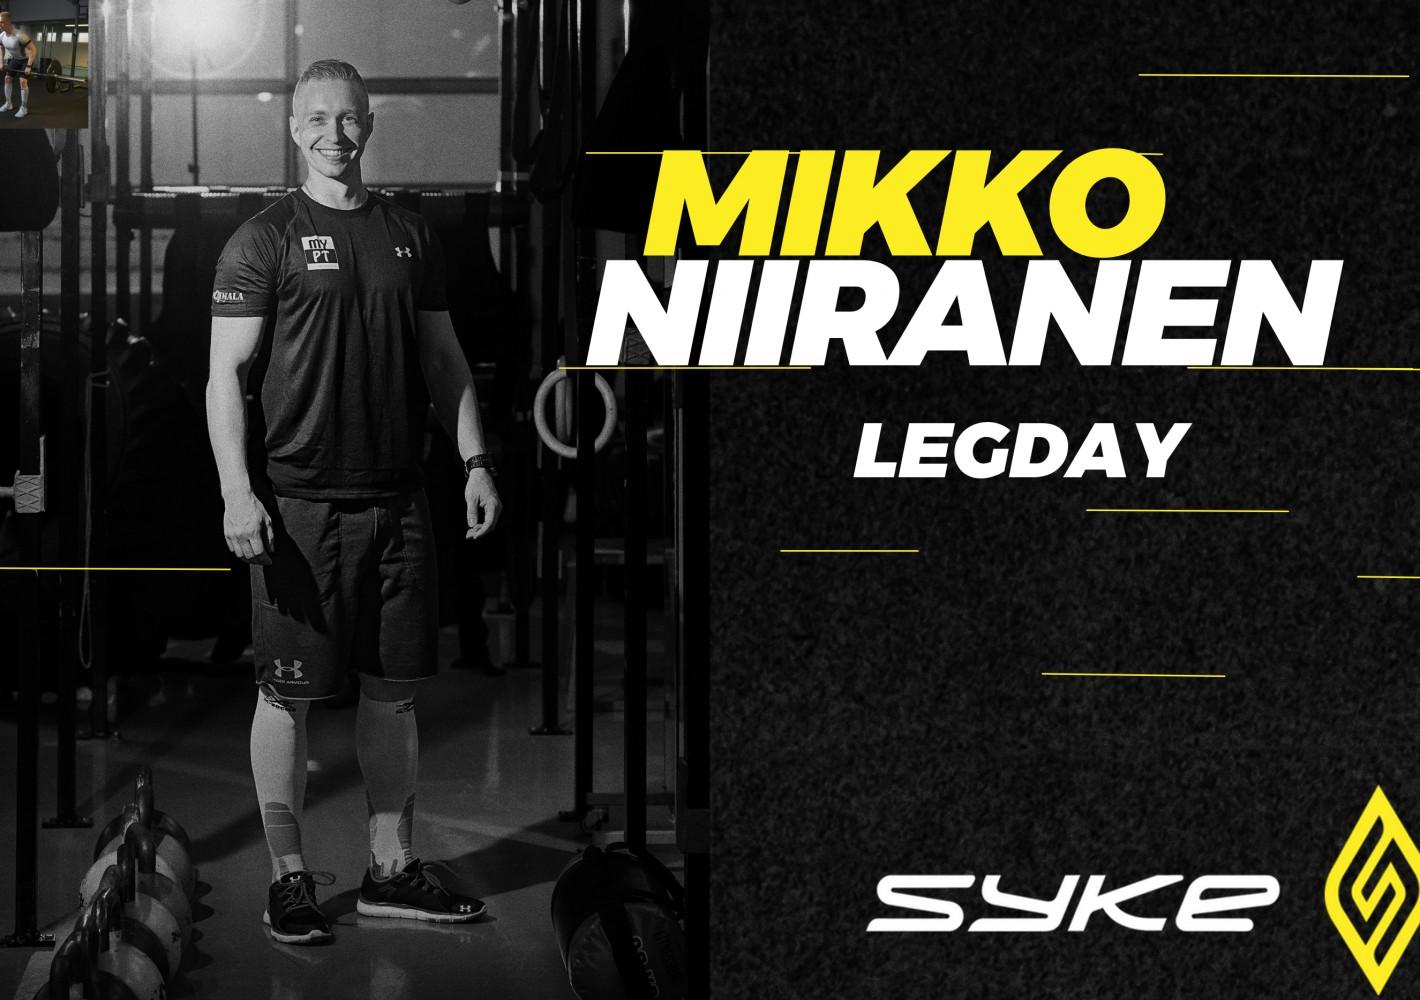 Legday by Mikko Niiranen